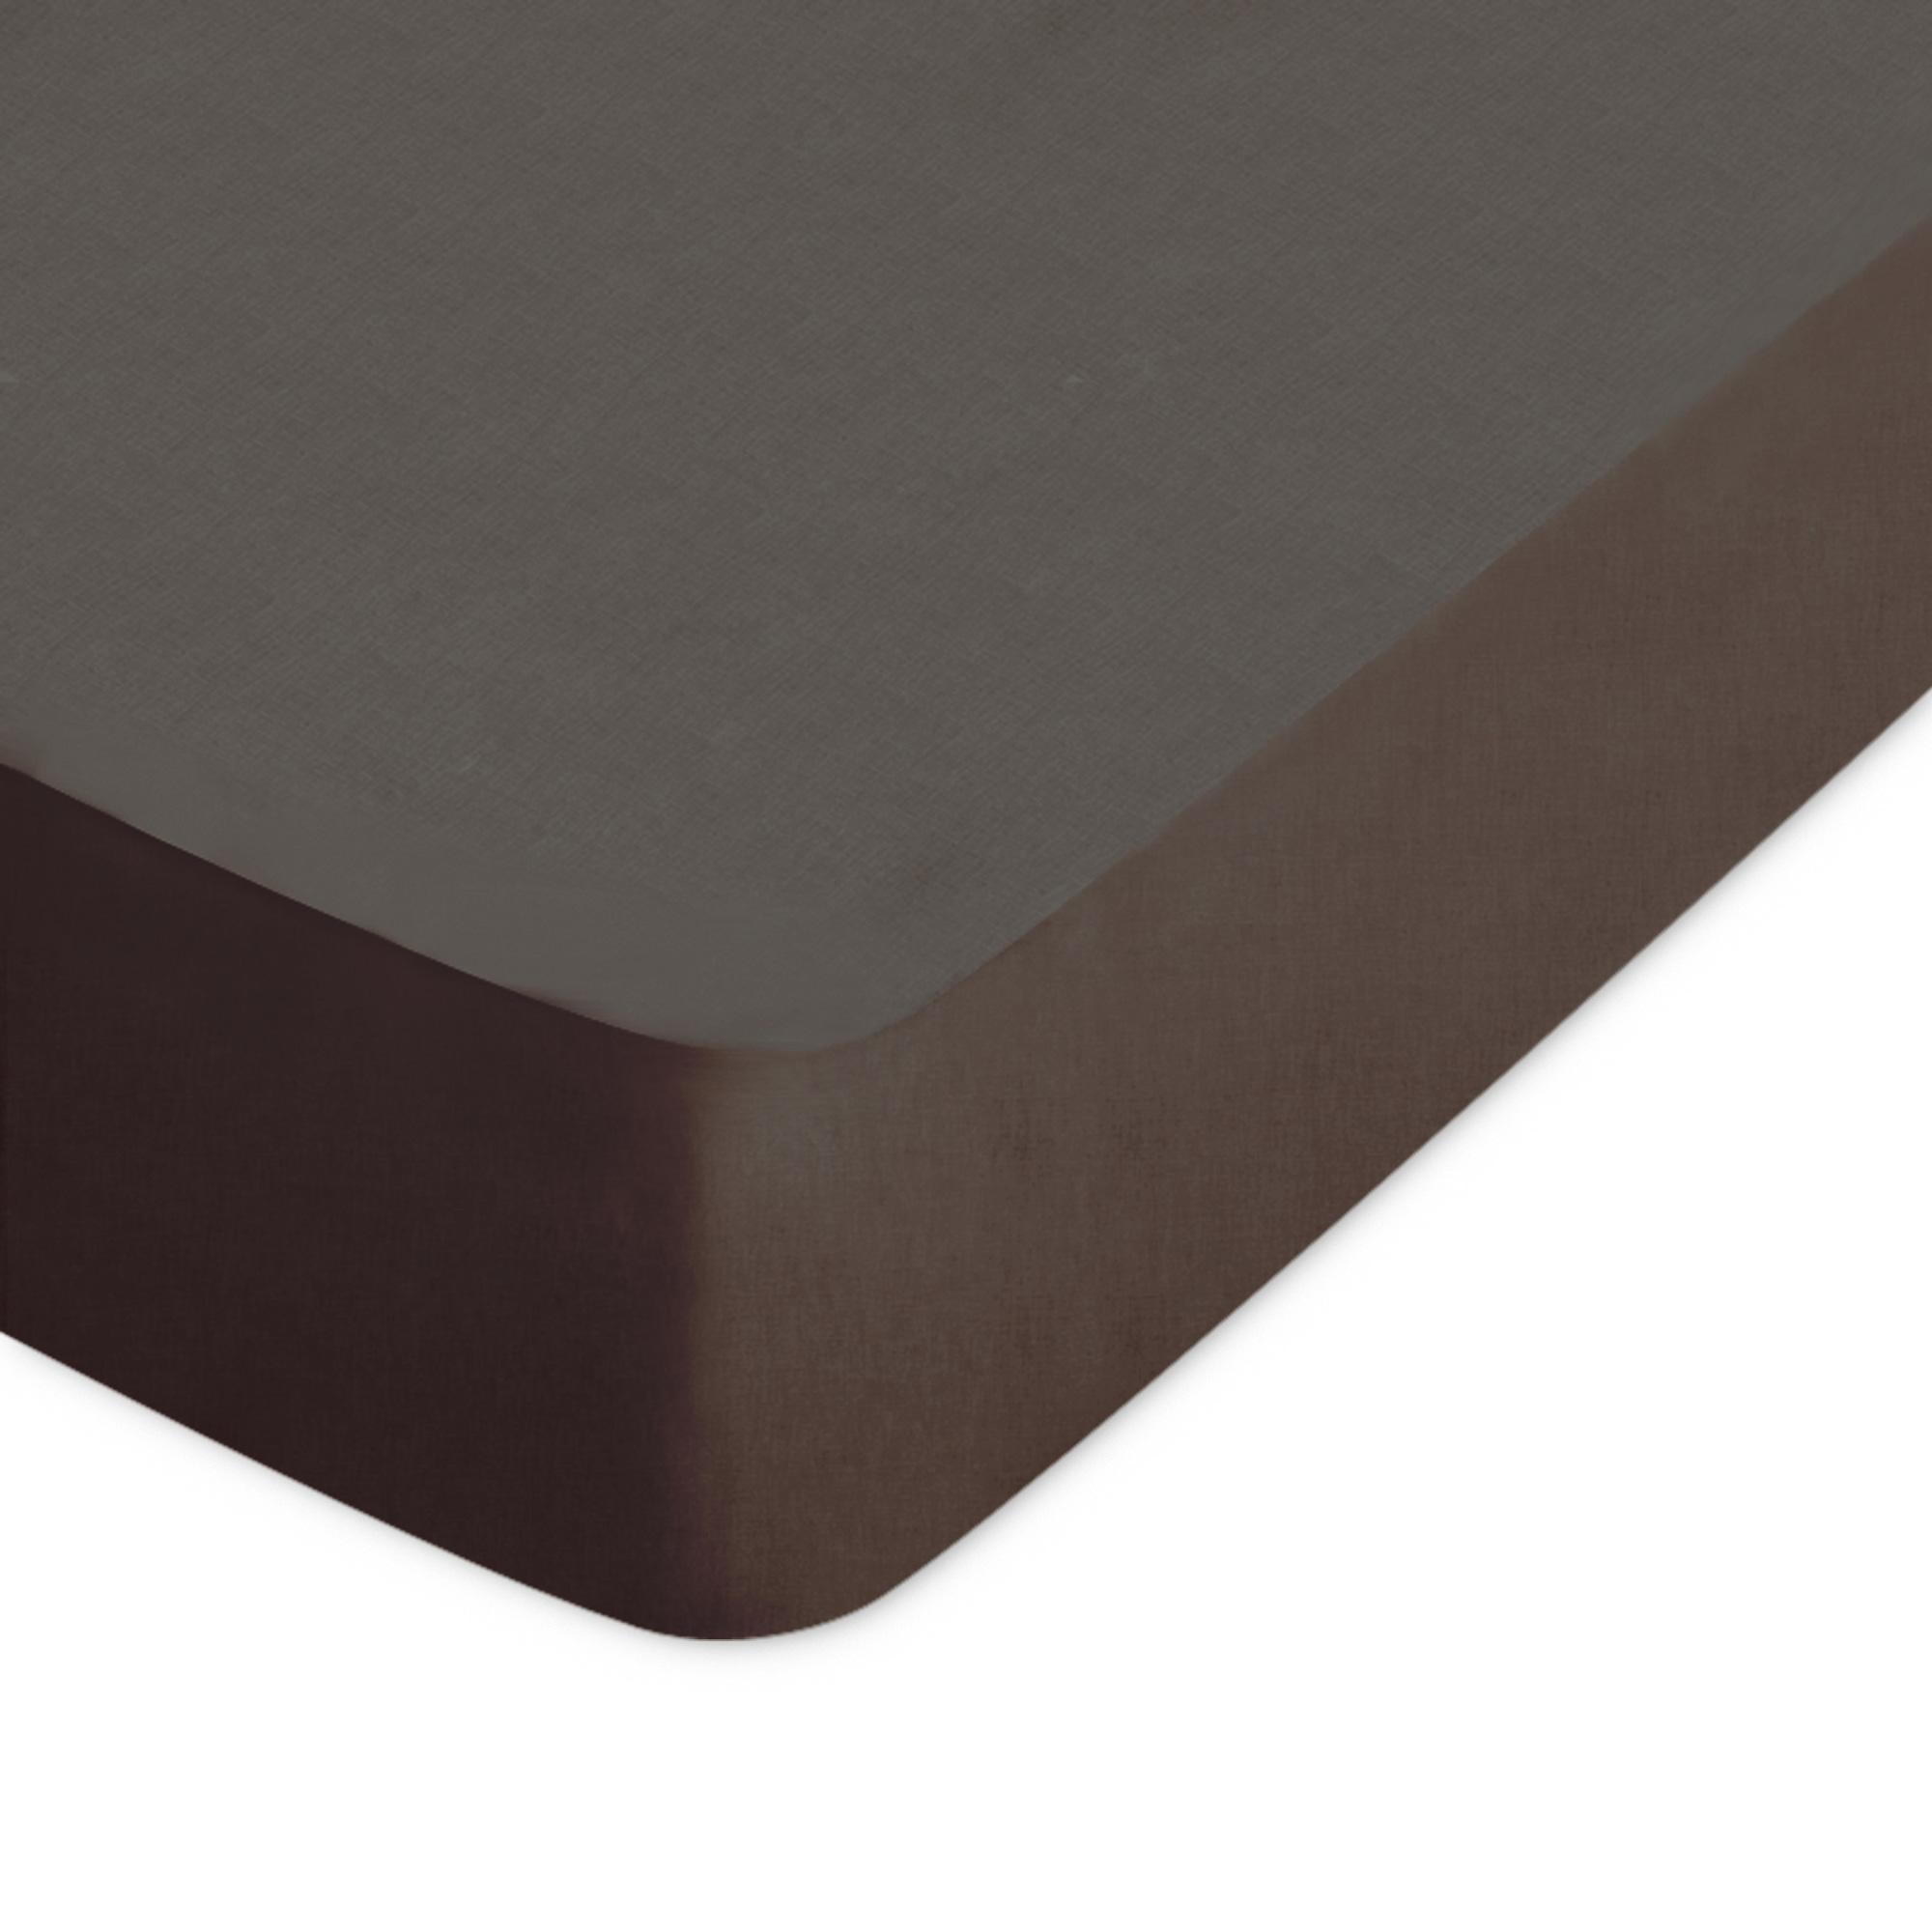 drap housse 120x200 coton Drap housse uni 120x200 100% coton ALTO Manganese | eBay drap housse 120x200 coton